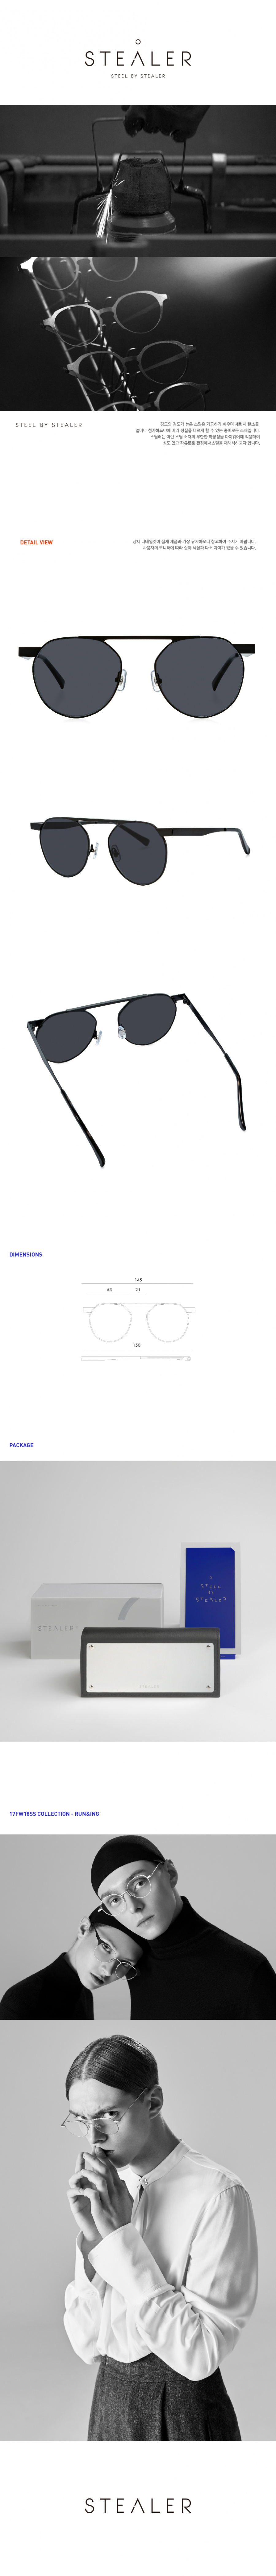 스틸러(STEALER) 호라이즌 763 STL01 BLACK